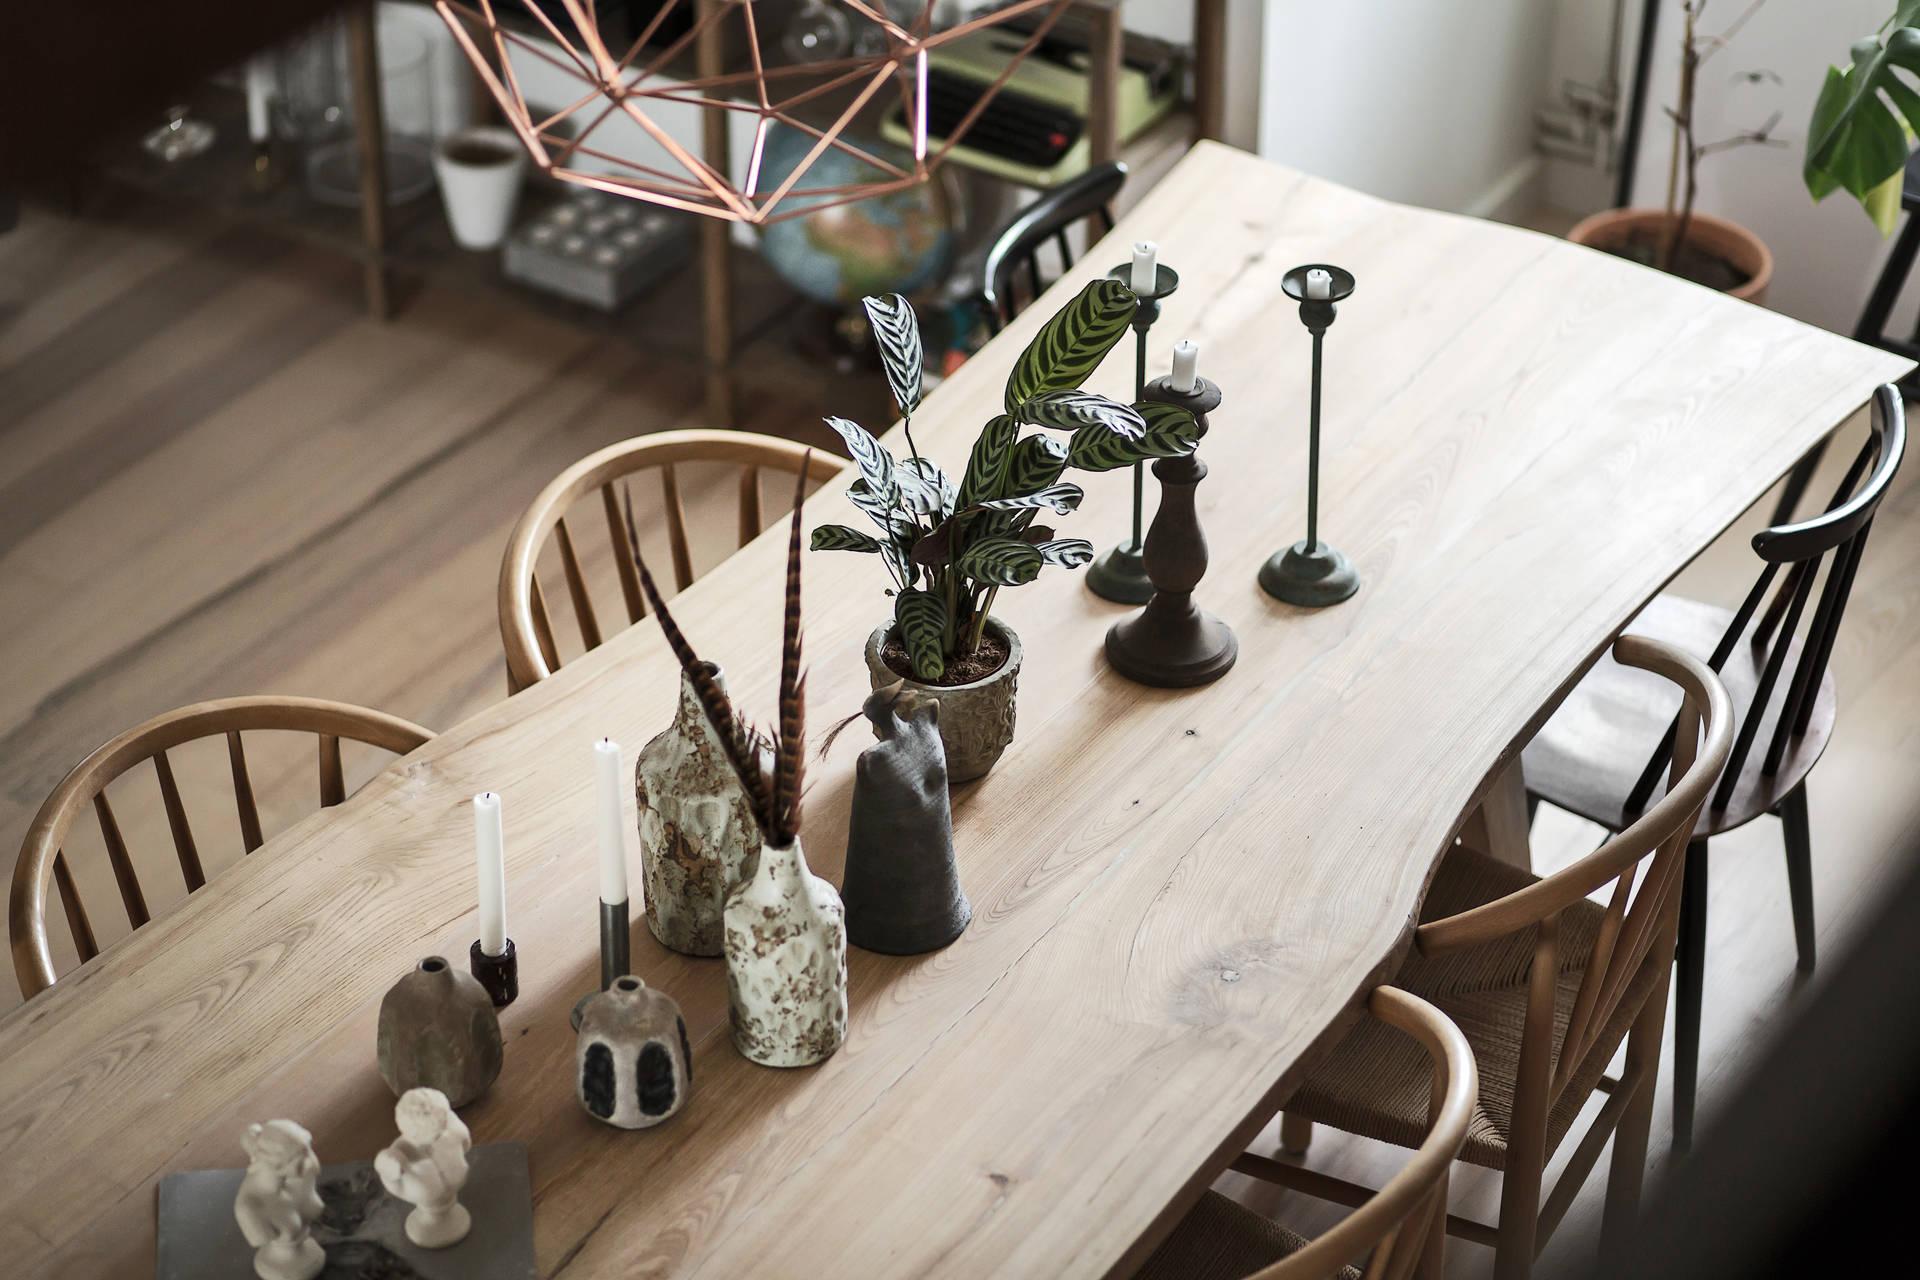 стол вазы цветы свечи